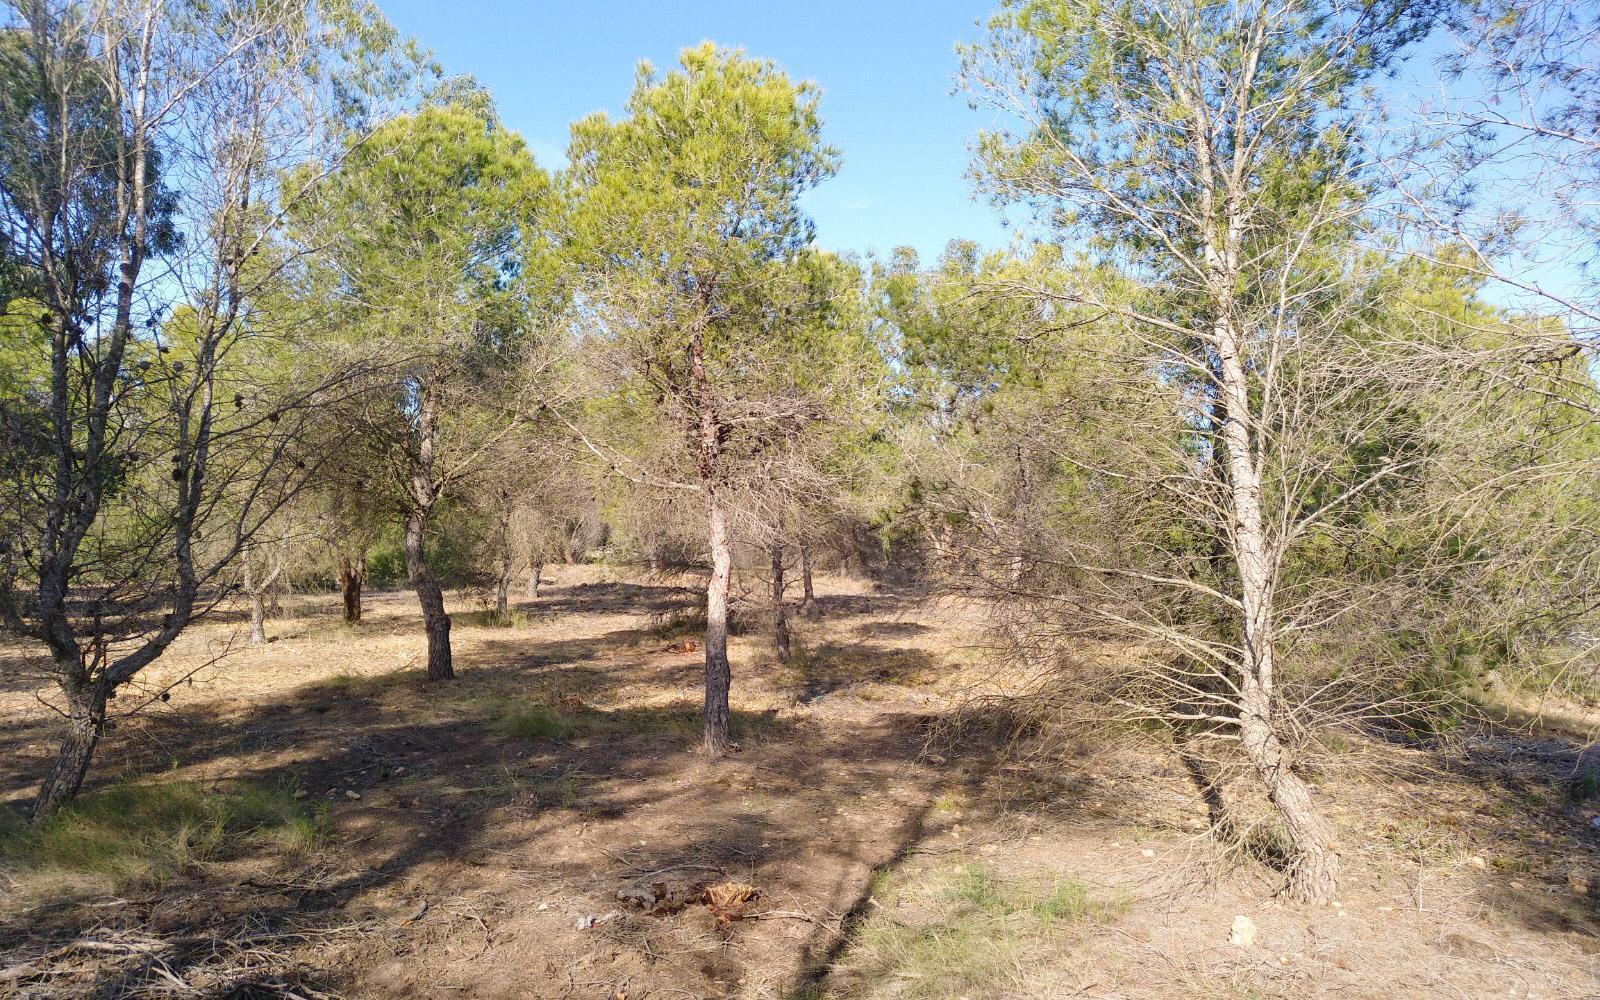 La Concejalía de Sostenibilidad ha conseguido una subvención para la mejora forestal de la Sierra de Santa Pola